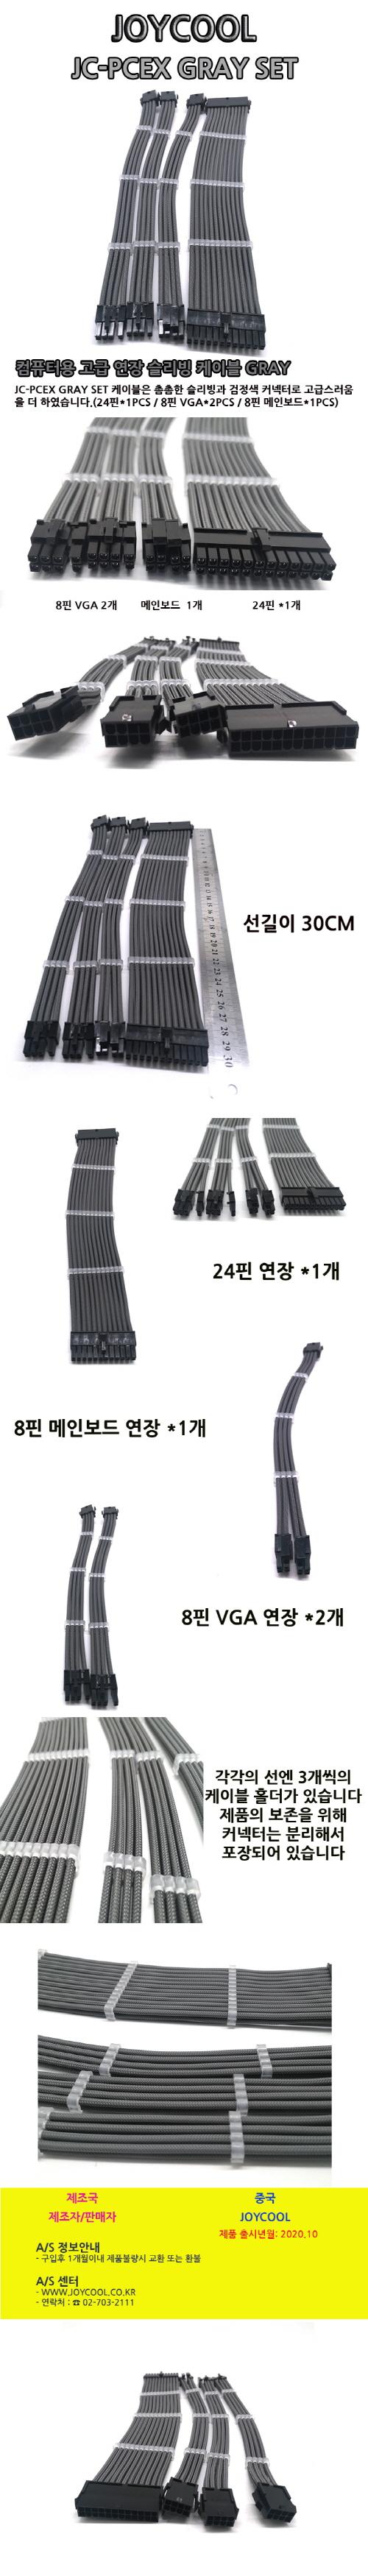 조이쿨 컴퓨터용 고급 연장 슬리빙 케이블 GRAY (JC-PCEX GRAY SET, 0.3m)